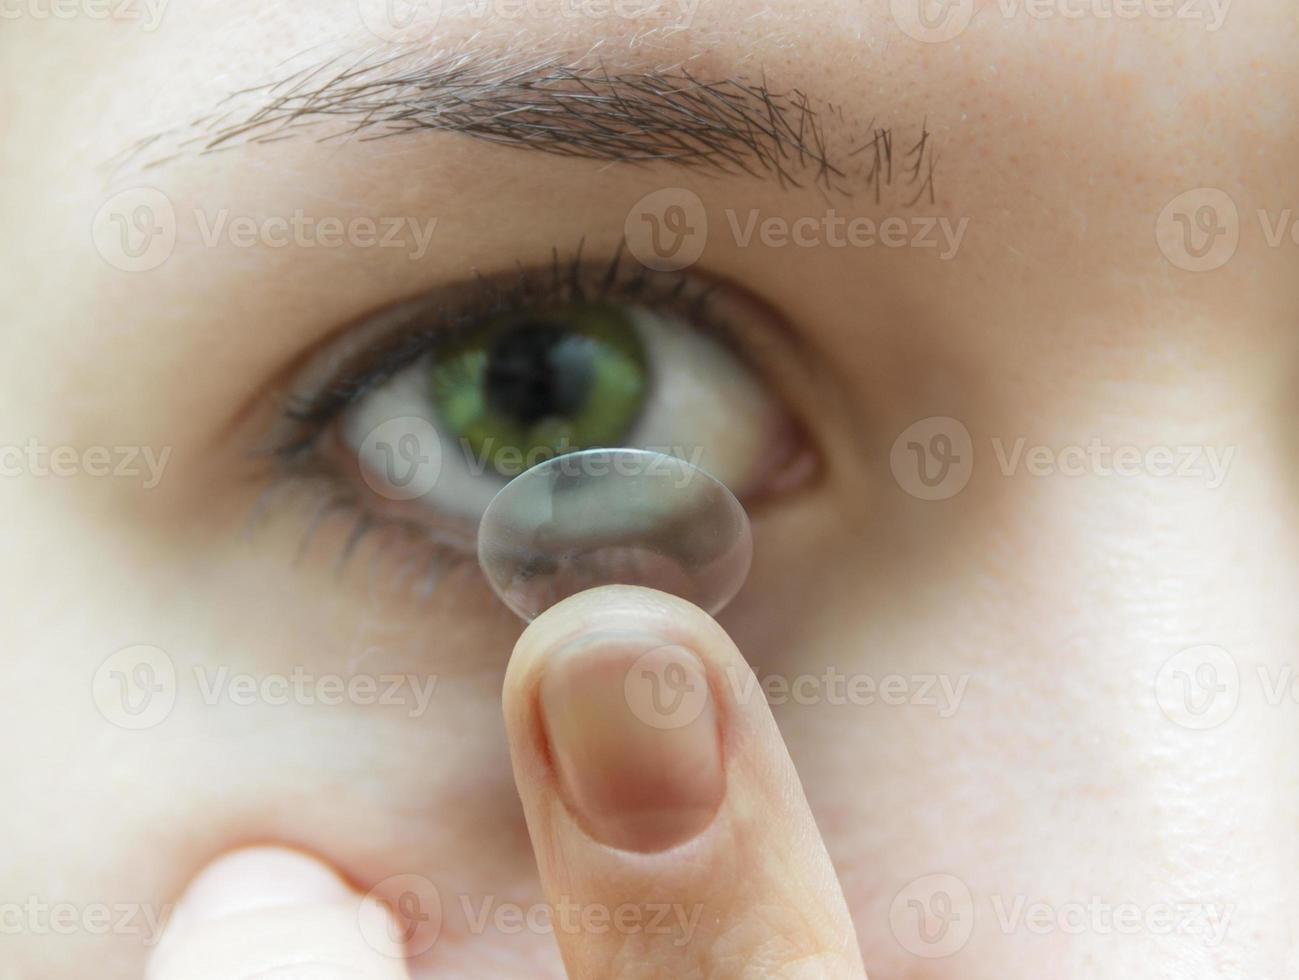 vrouw contactlens aanbrengend oog foto